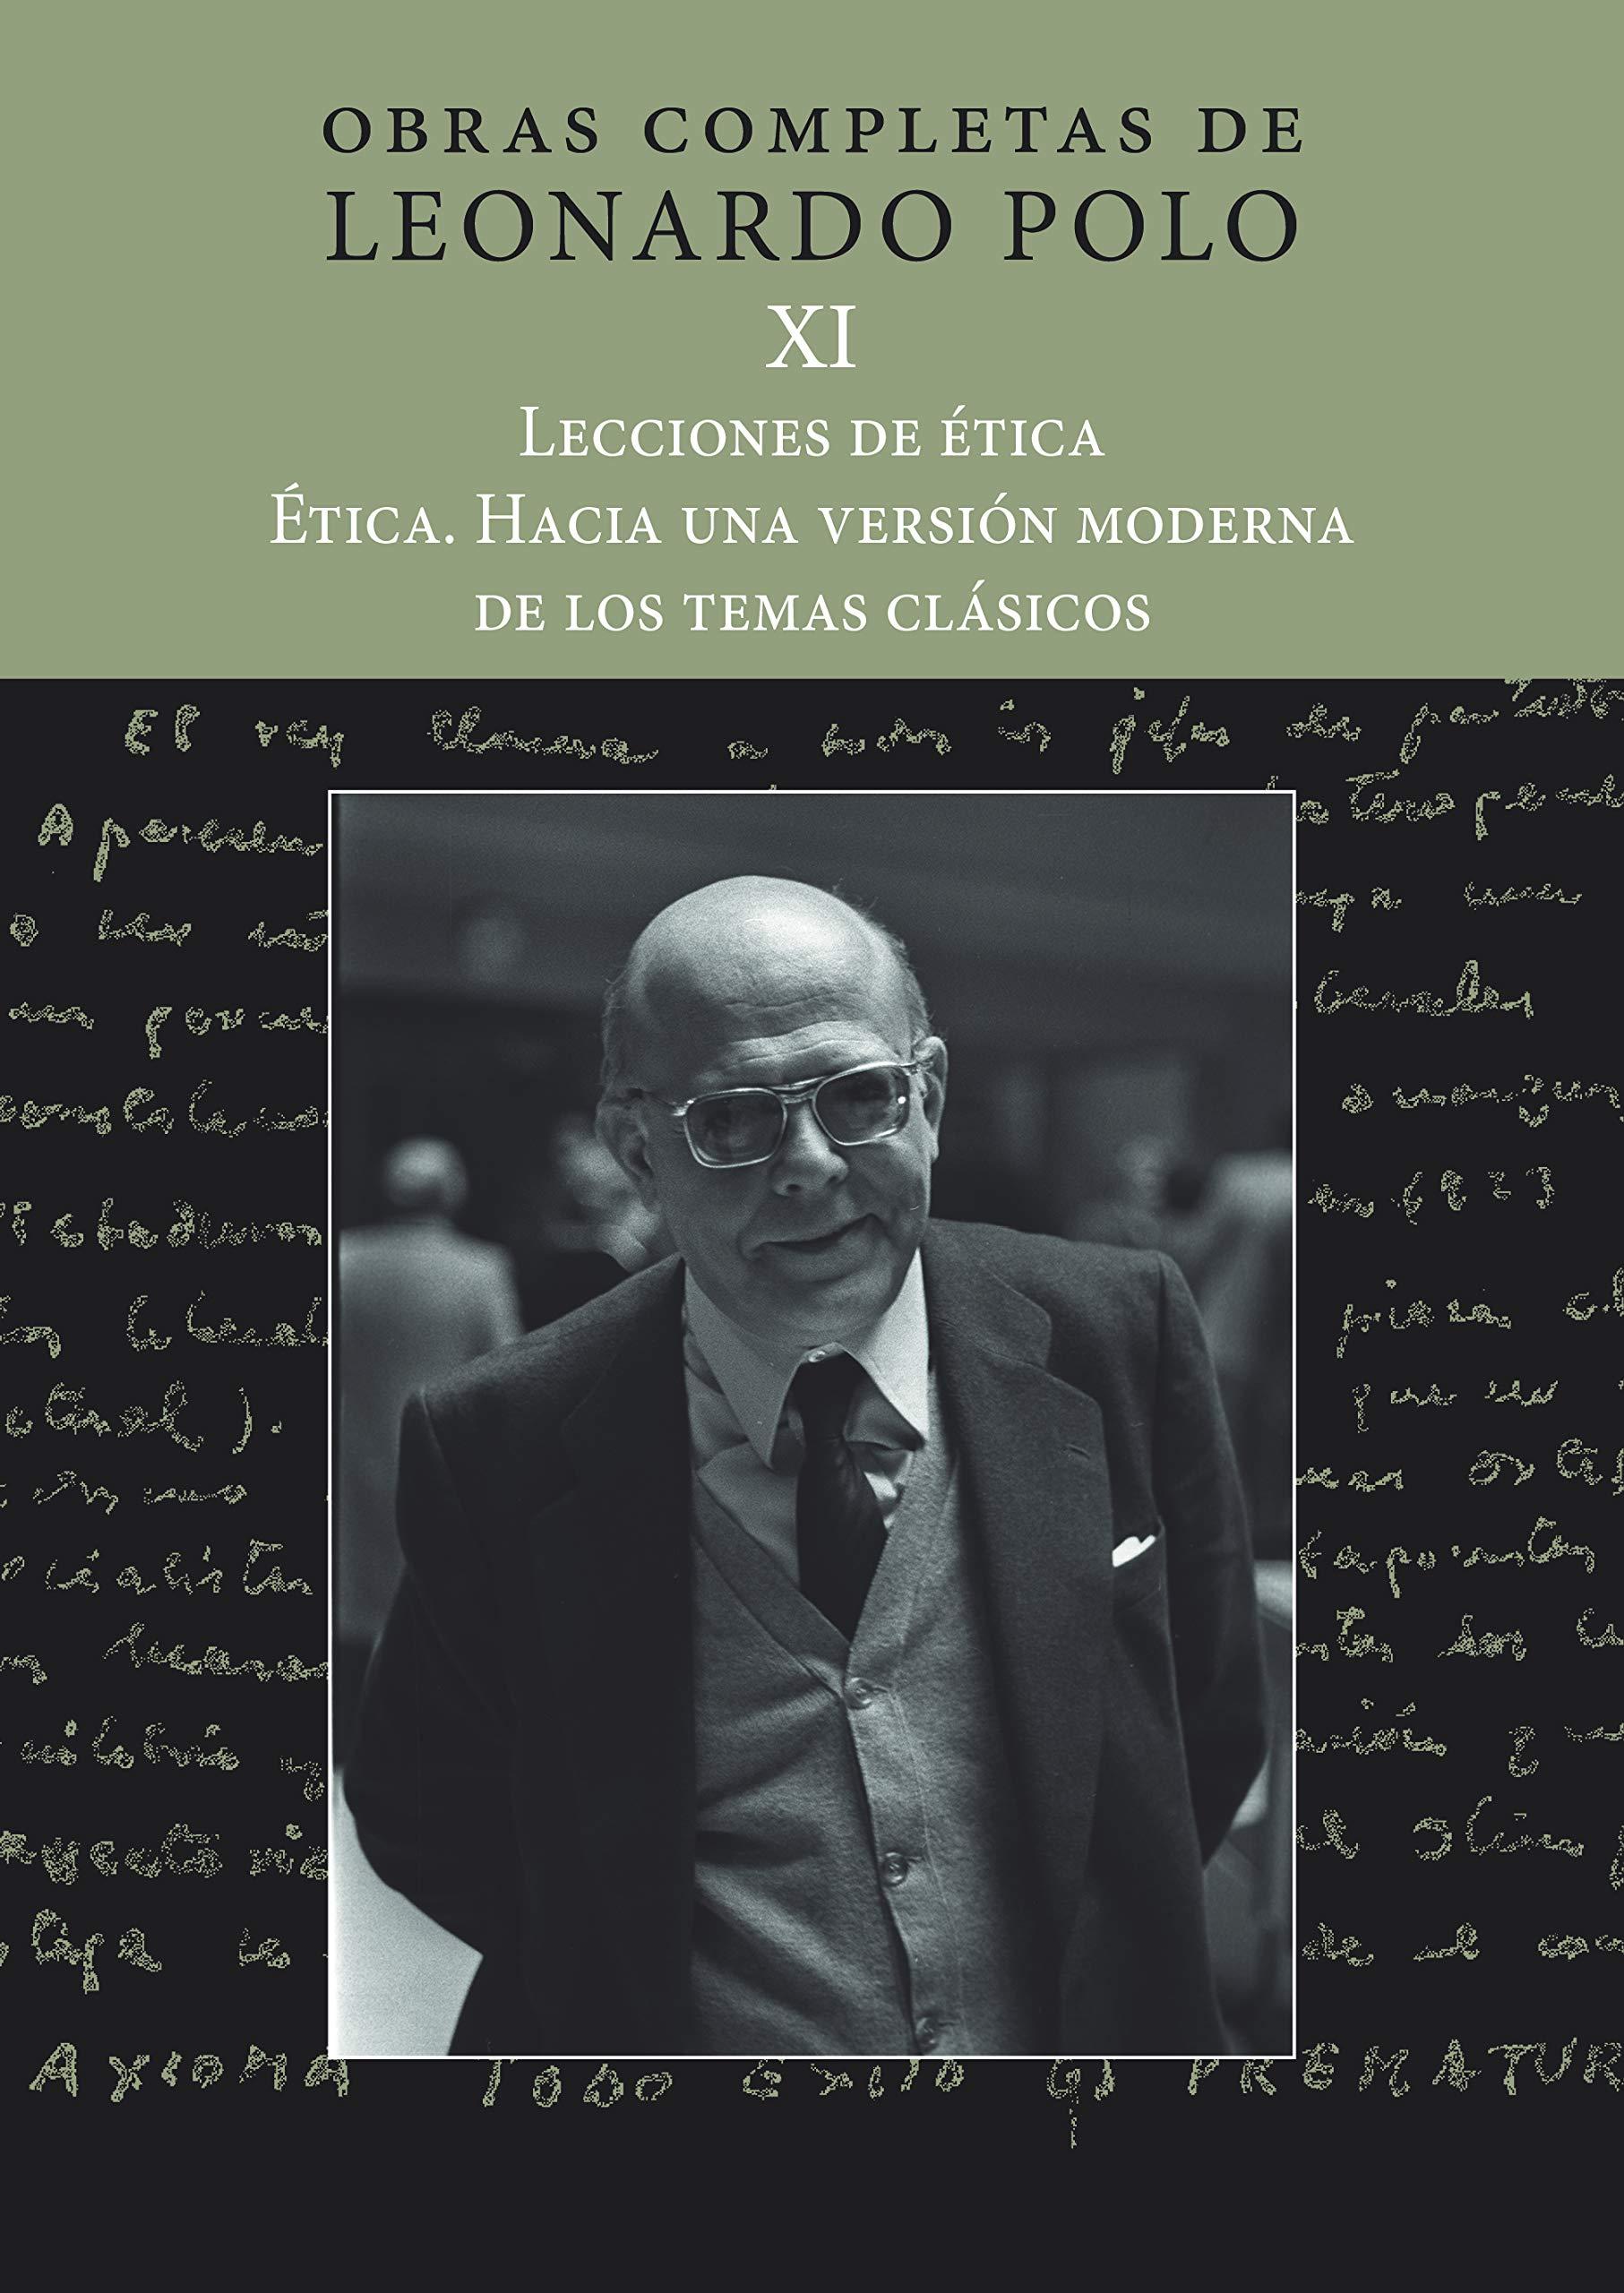 OBRAS COMPLETAS DE LEONARDO POLO XI: Obras Completas de Leonardo ...